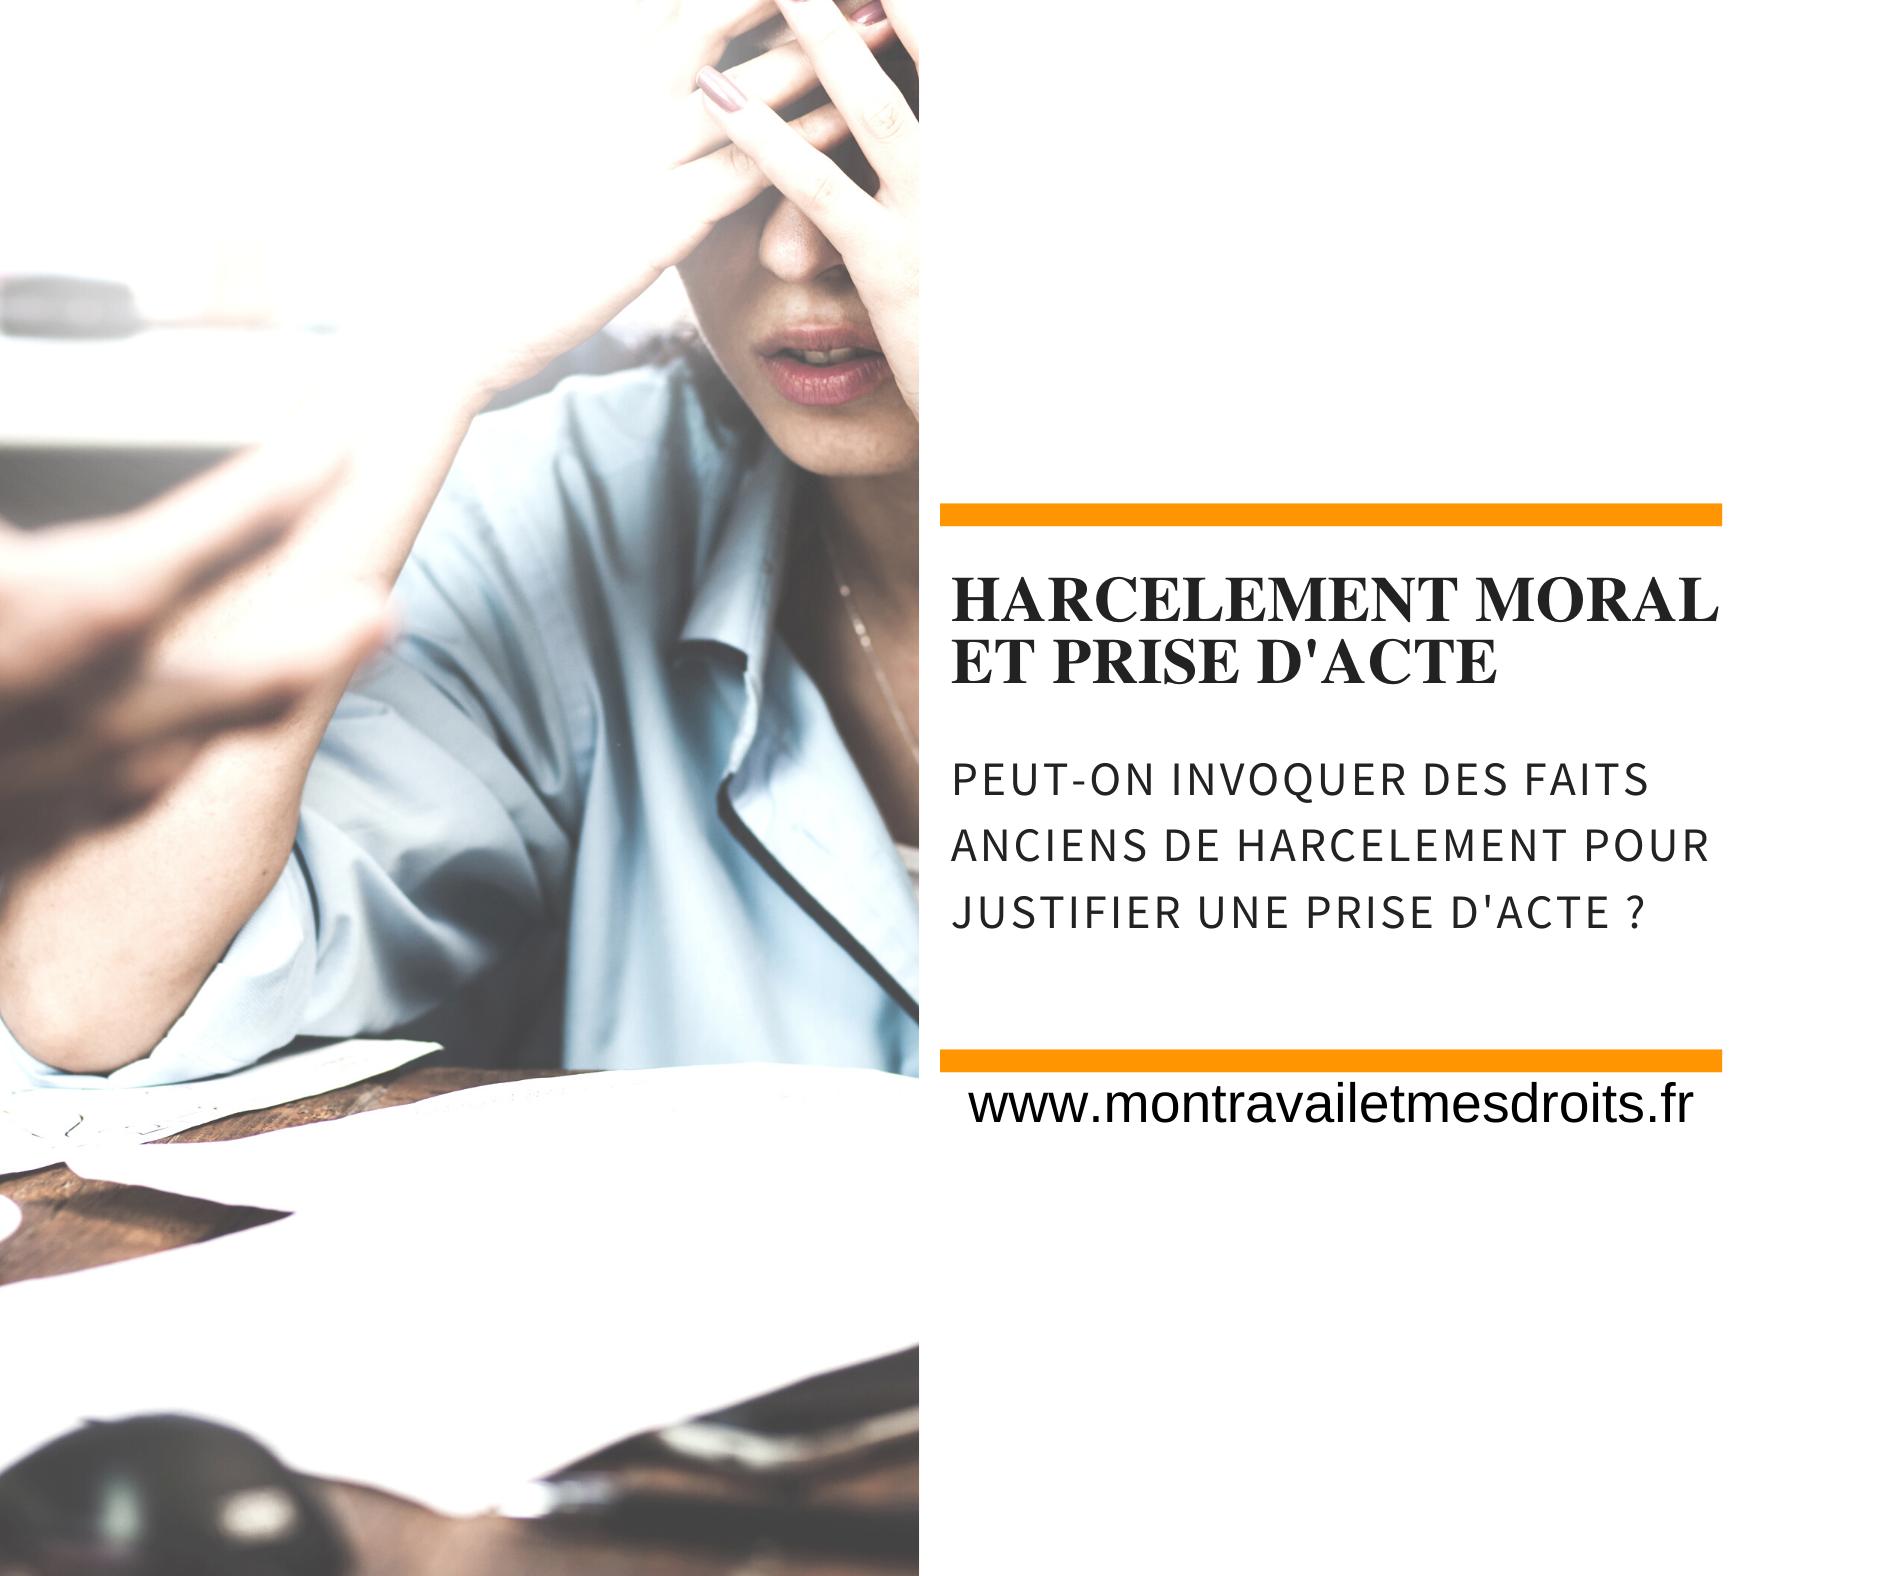 Peut-on invoquer des faits anciens de harcèlement moral pour justifier une prise d'acte ?